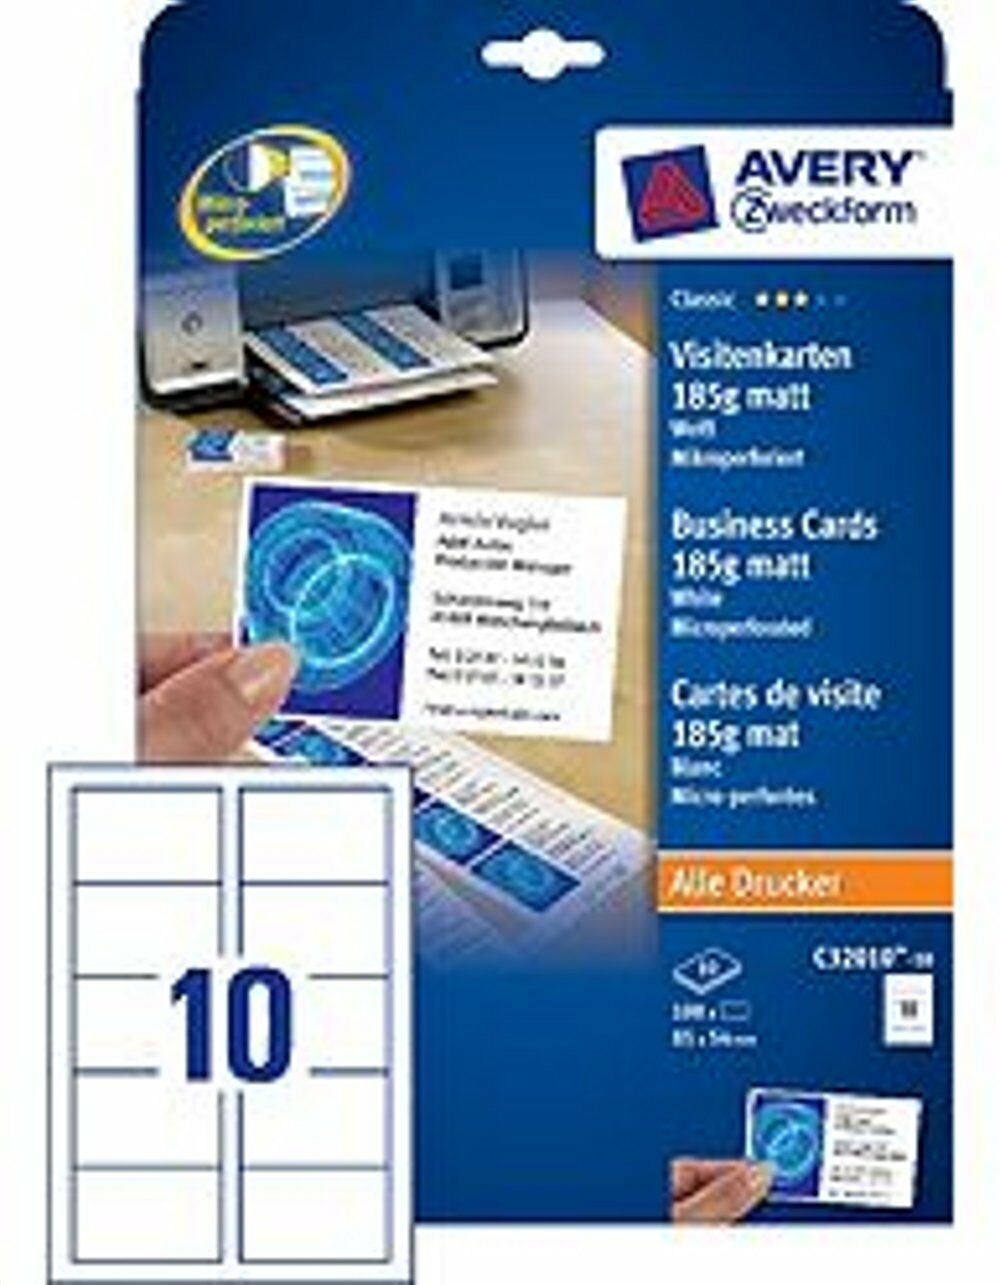 Avery Zweckform Visitenkarten 85x54mm 185g C32010 10 Matt Weiß Mikroperforiert